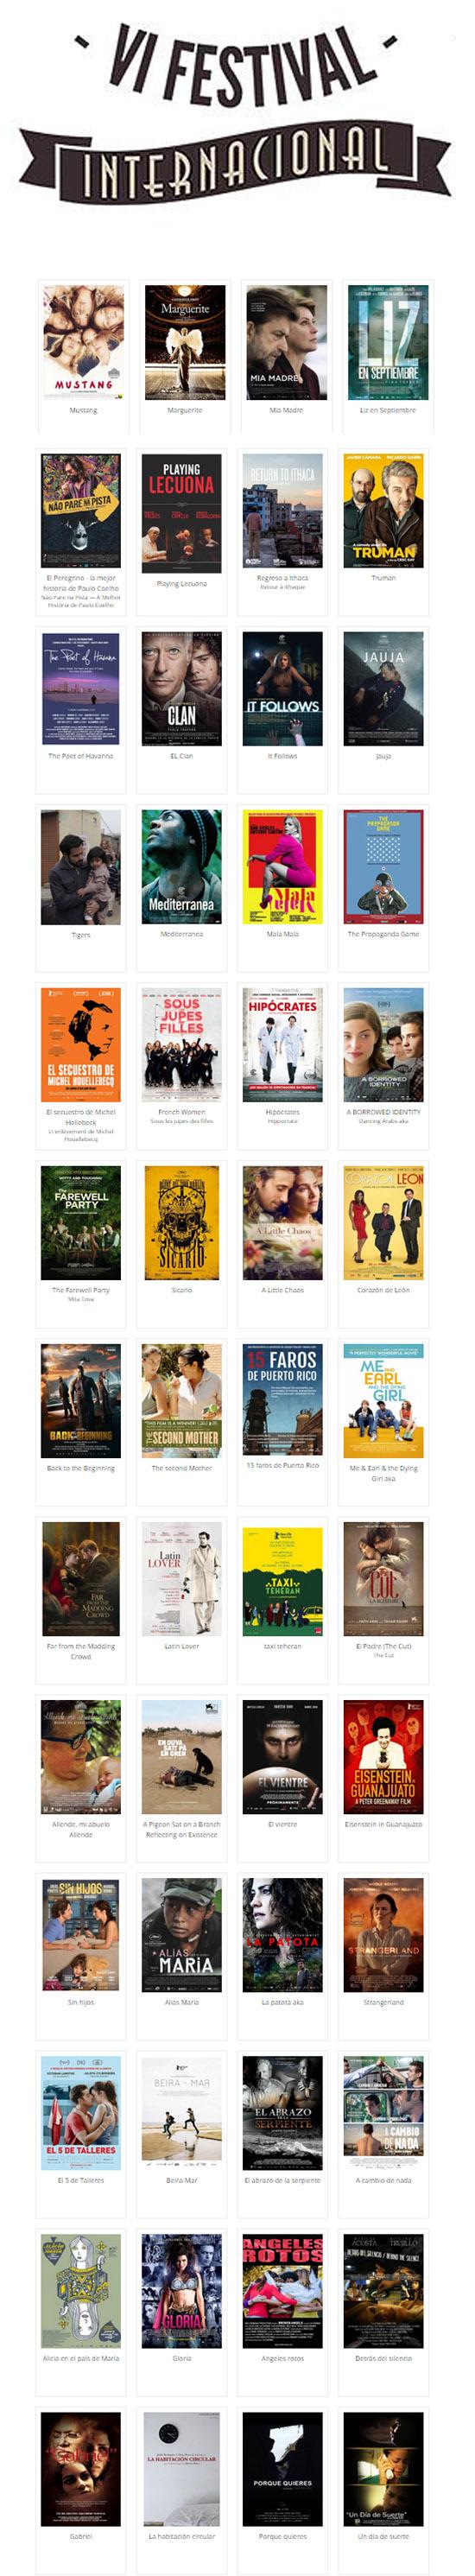 6to Festival de Cine Fine Arts peliculas-Autogiro arte actual